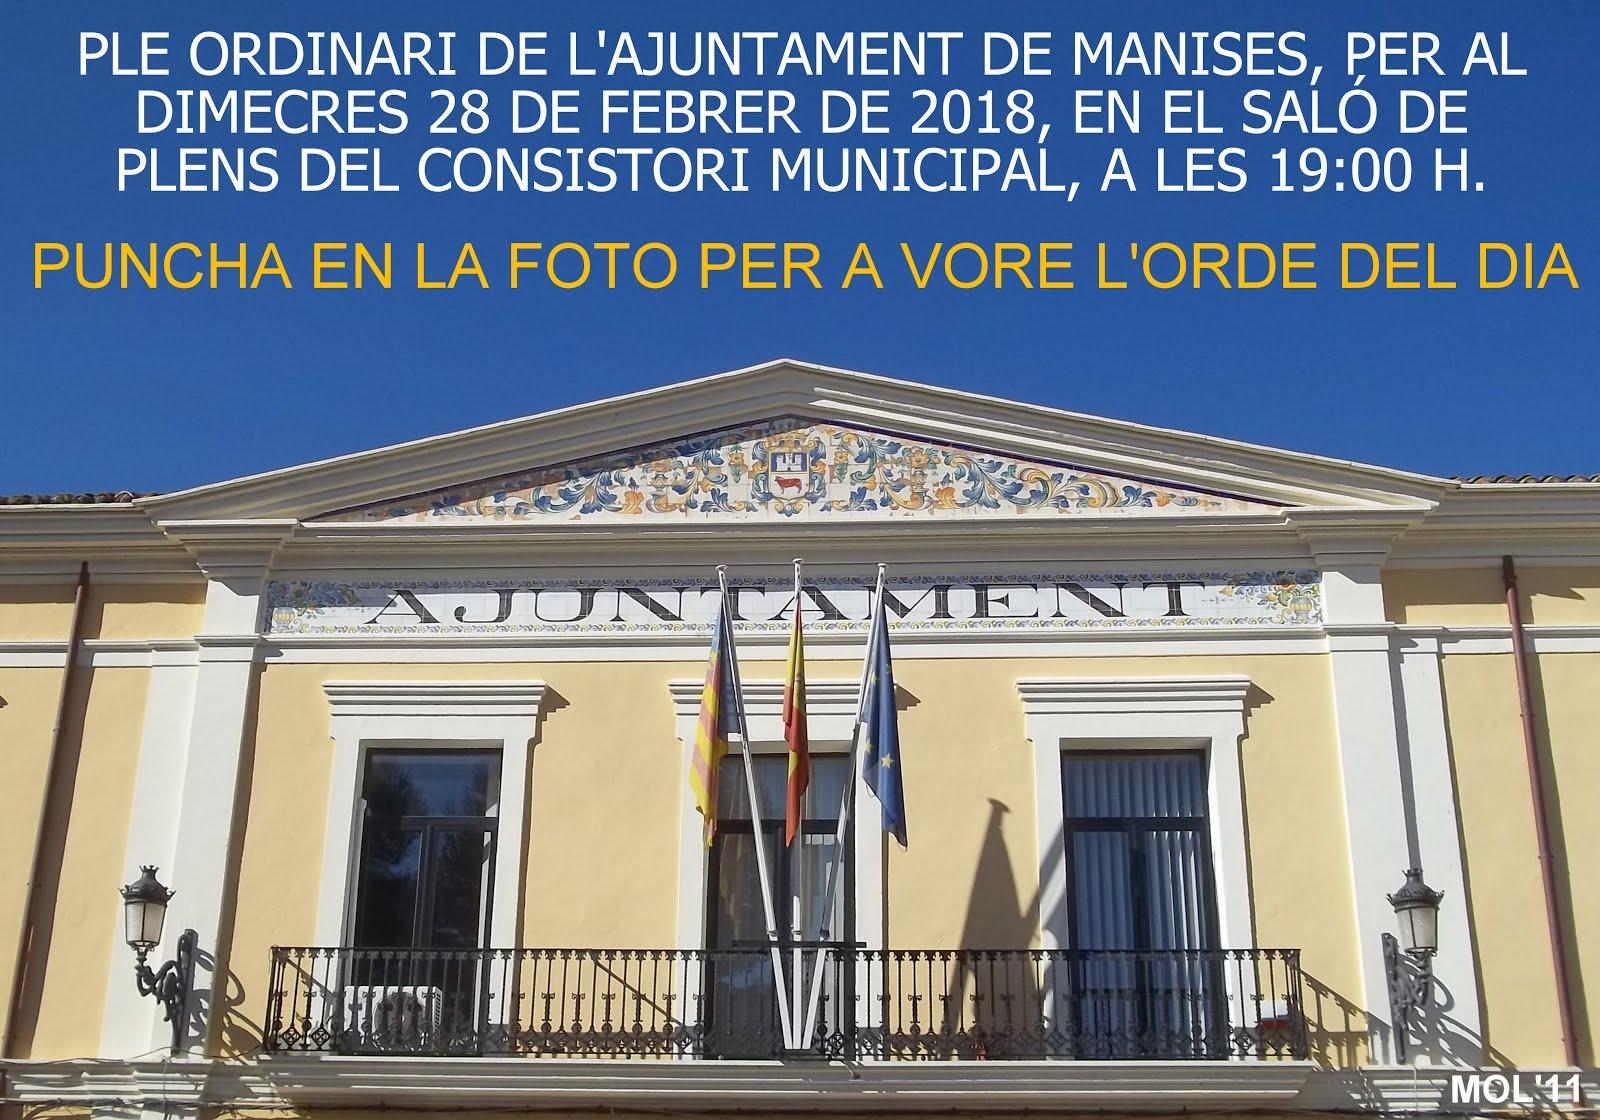 28.02.18 PLE ORDINARI DE L'AJUNTAMENT DE MANISES, DEL MES DE FEBRER DE 2018